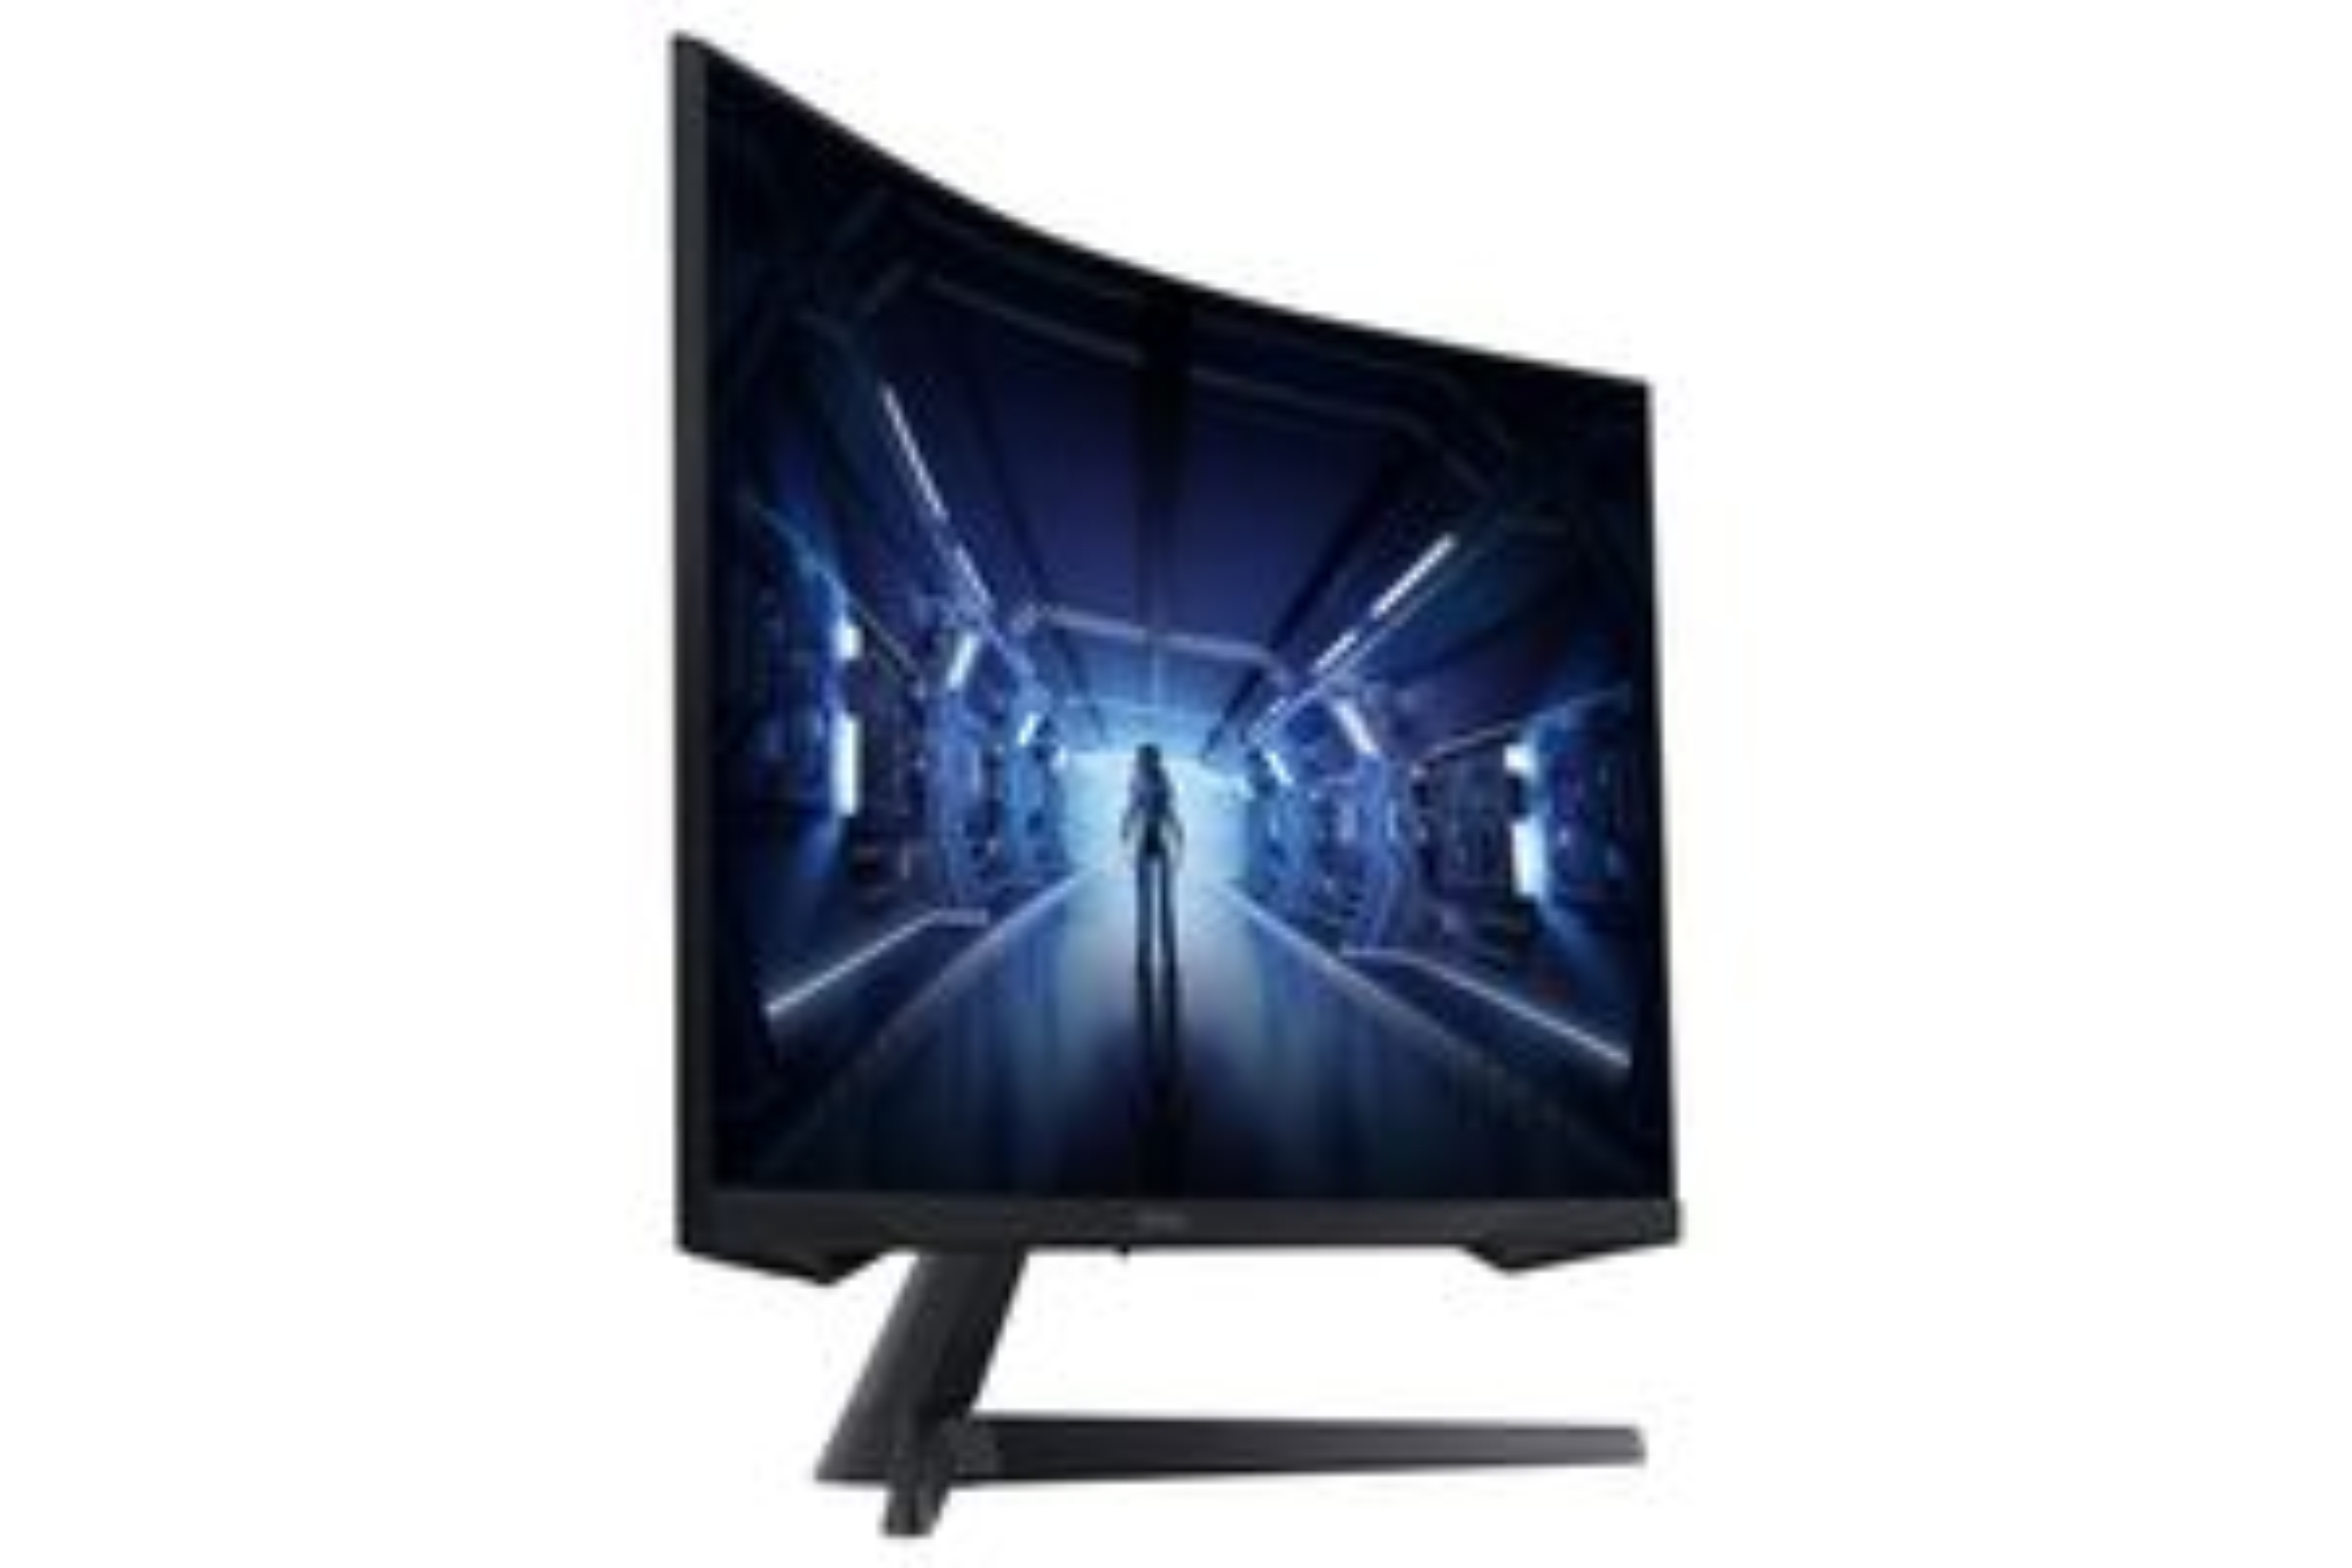 Samsung tung sản phẩm màn hình gaming Odyssey G5, dòng cao cấp nhất của hãng